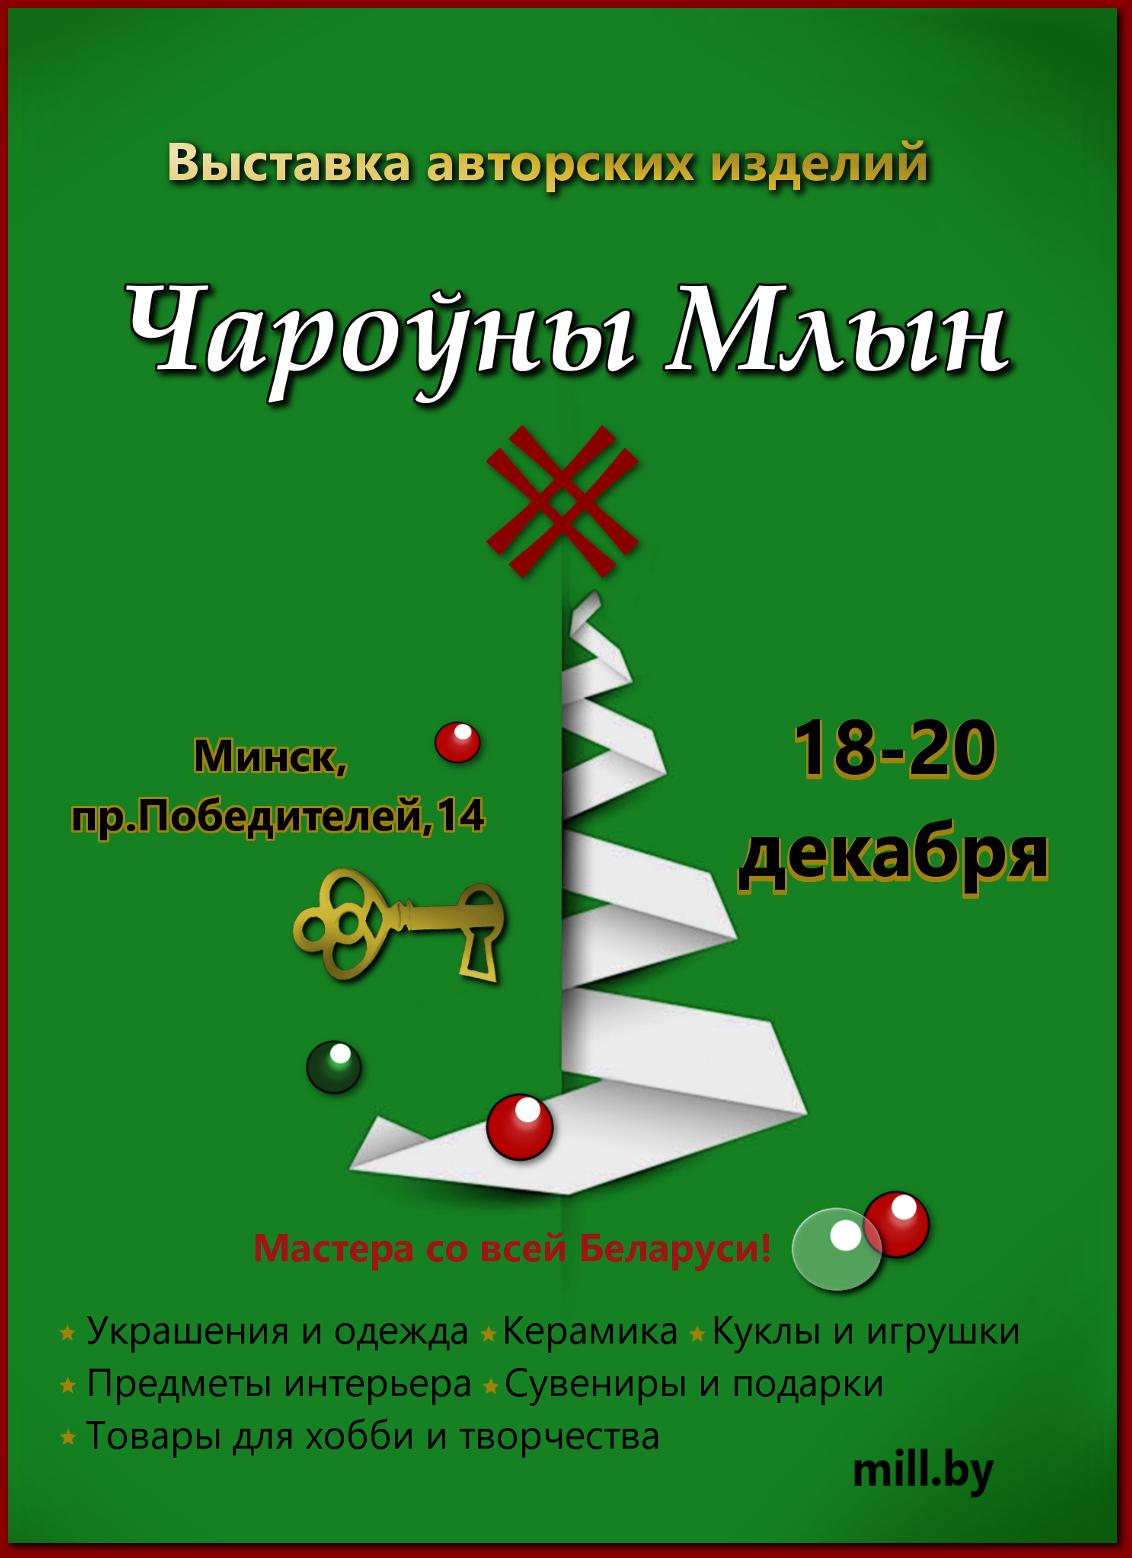 Дизайн новогодней афиши для выставки изделий ручной работы фото f_5875f88eede9f430.jpg